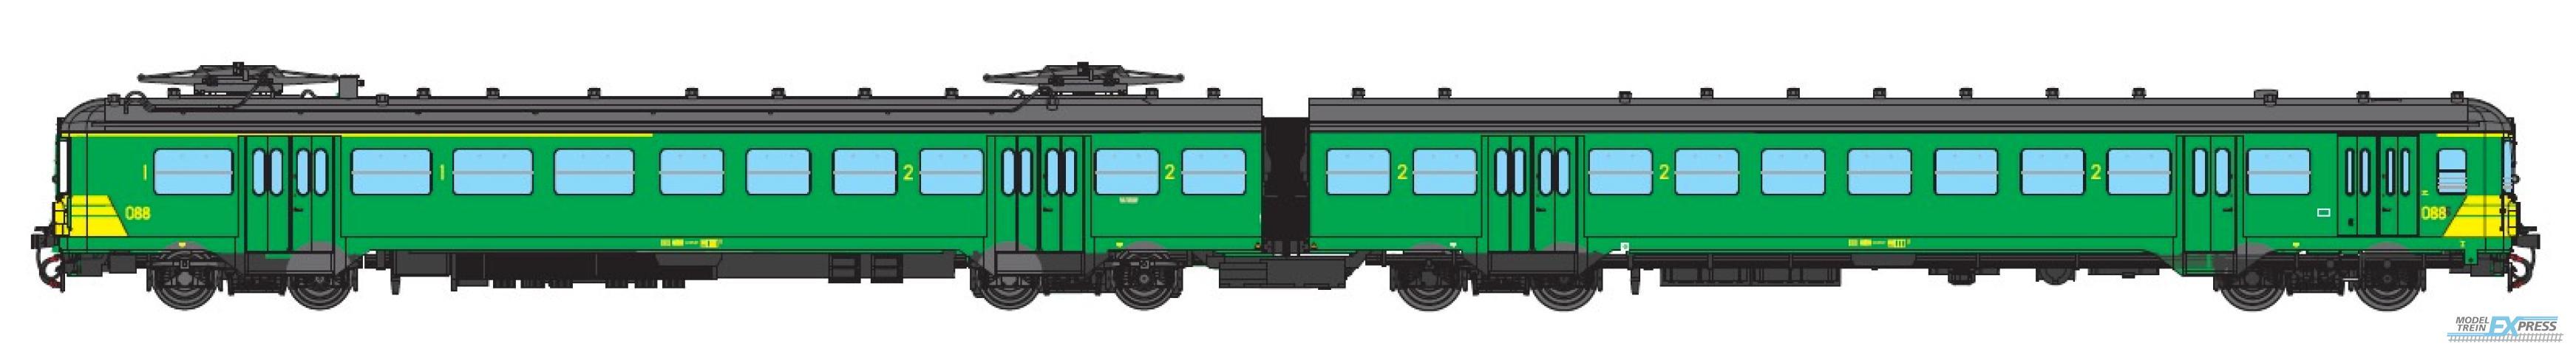 B-Models 7003.04